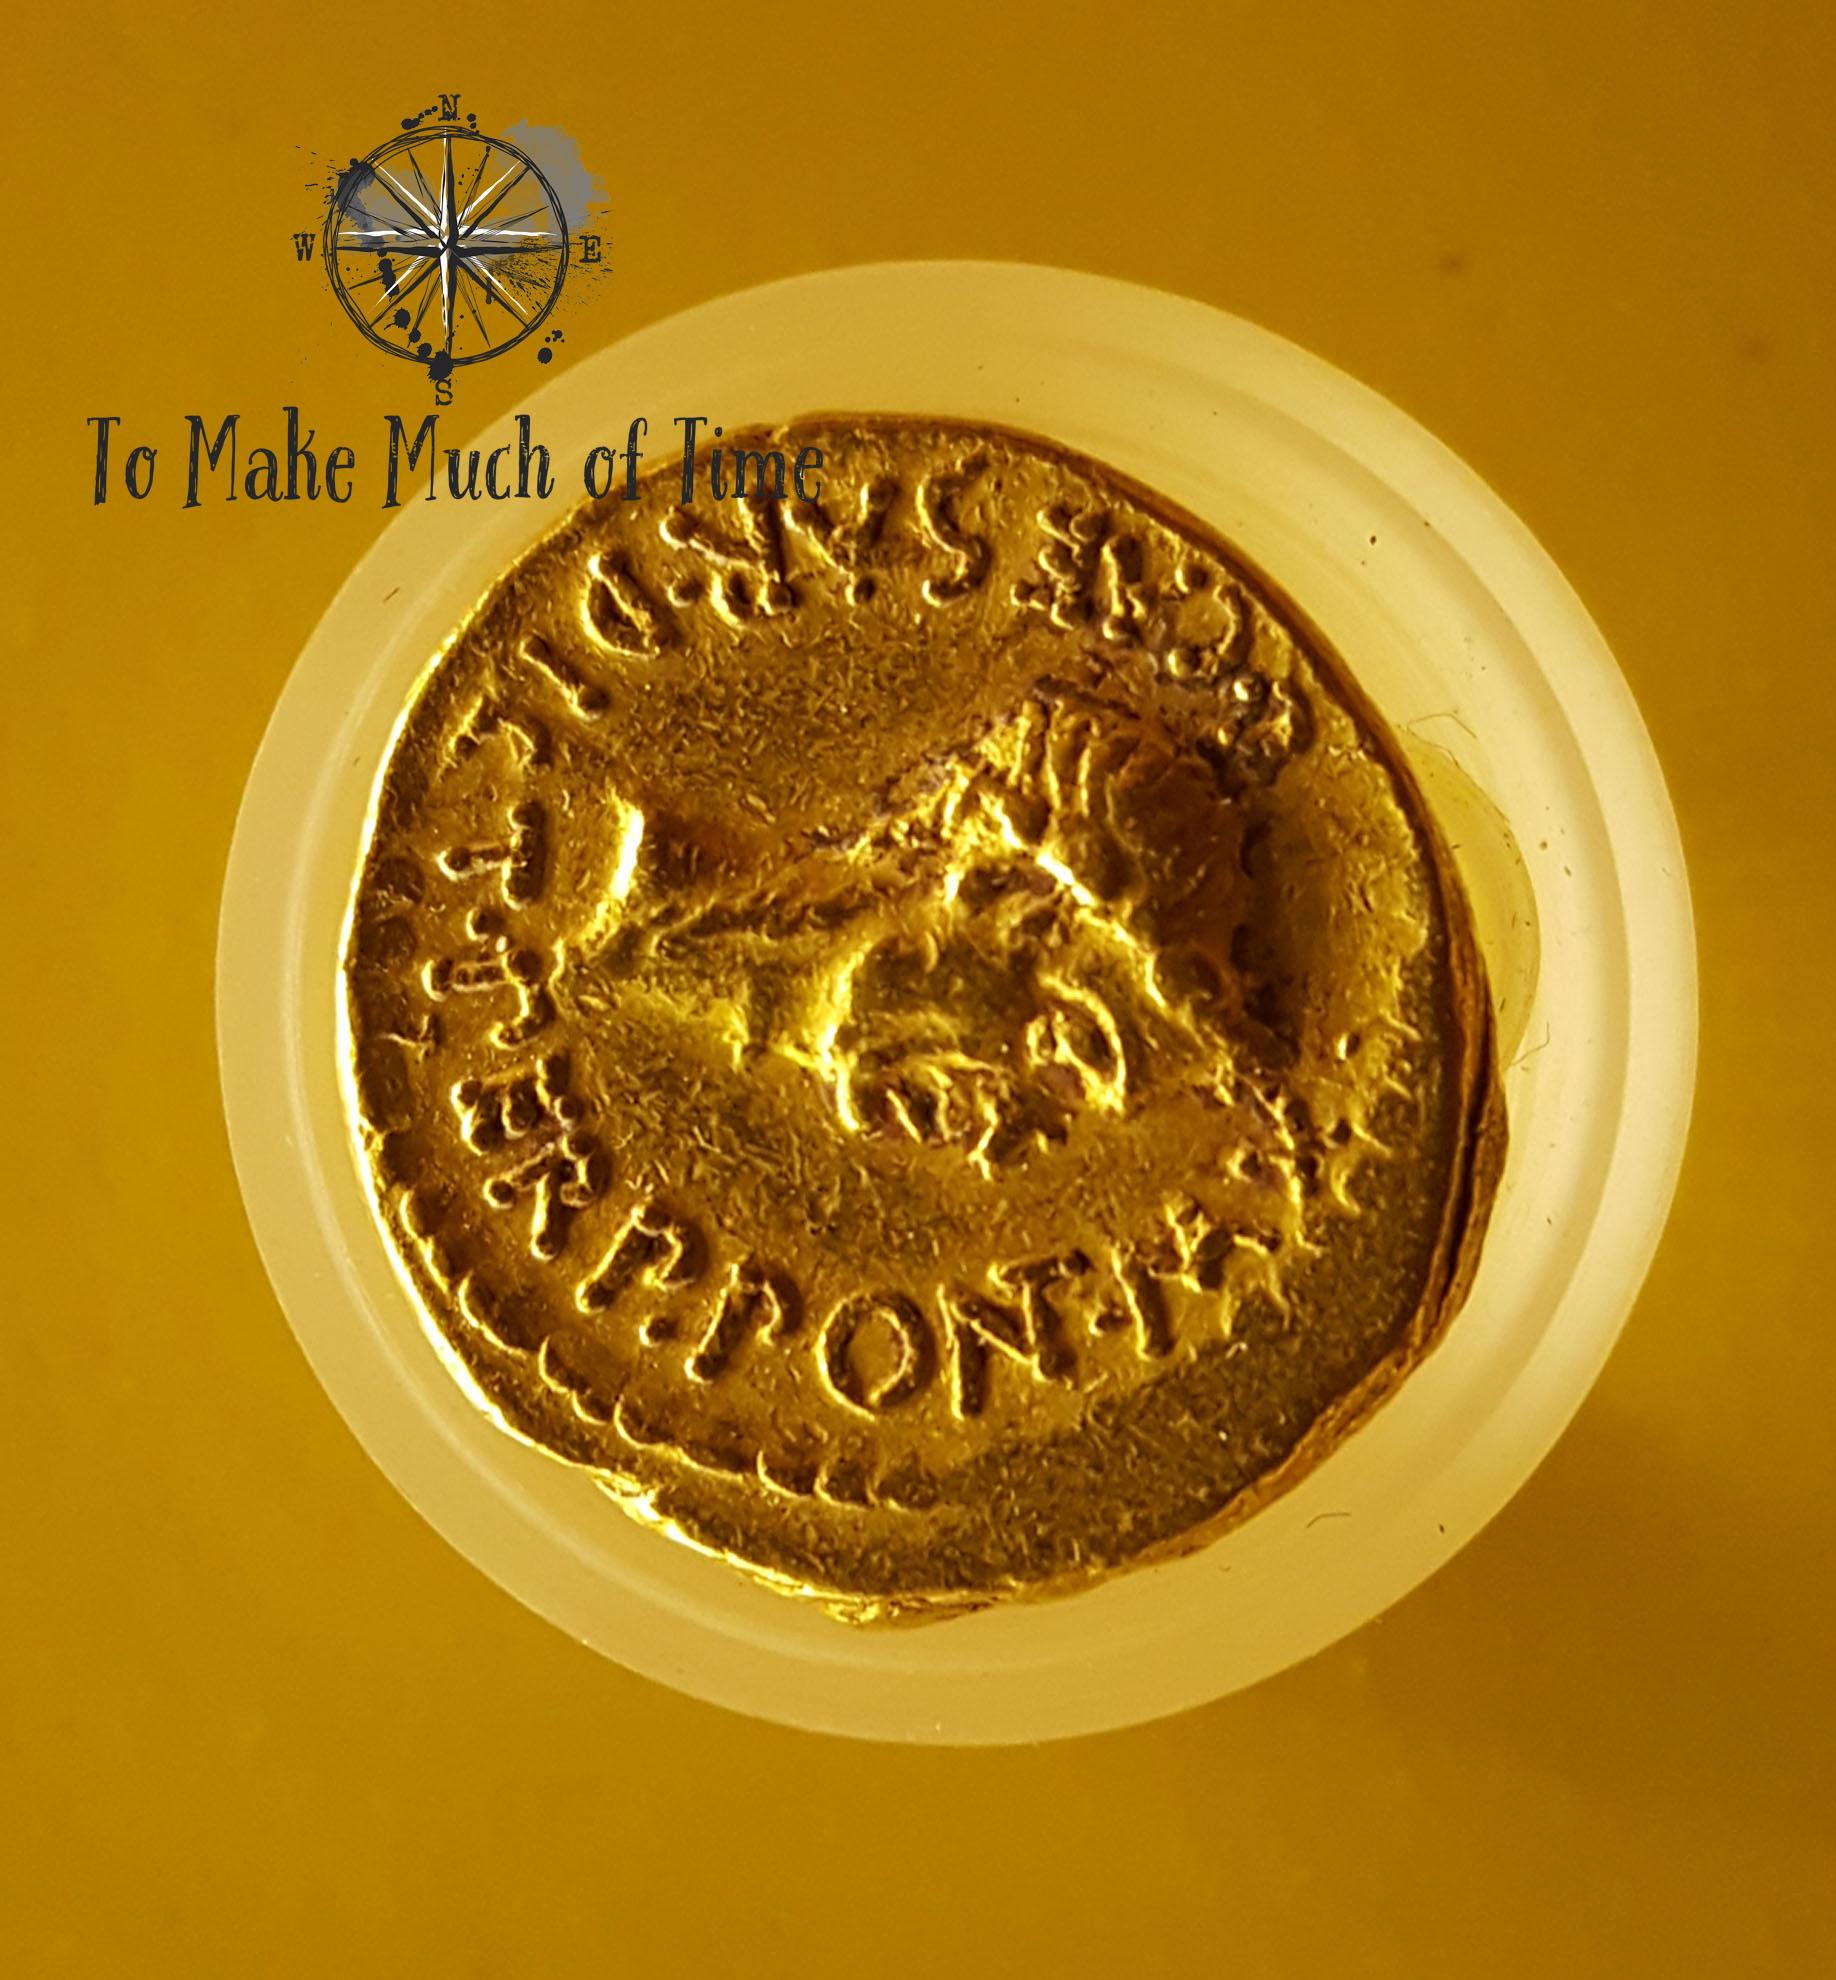 Roman Coin | Crypte archéologique de l'île de la Cité | To Make Much of TIme